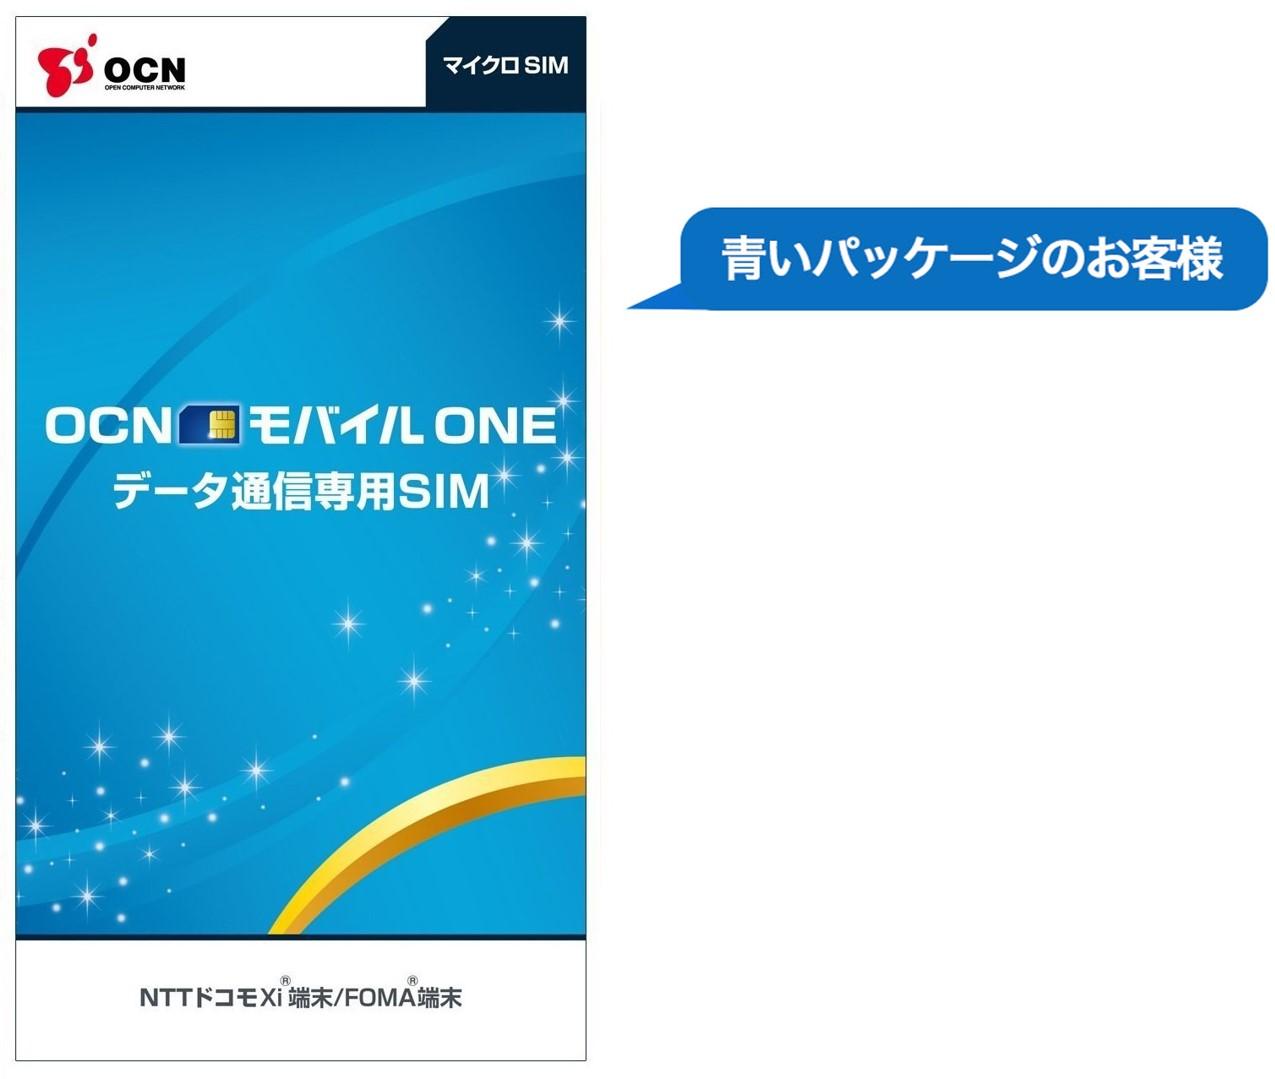 OCNモバイルONEデータ通信専用SIM